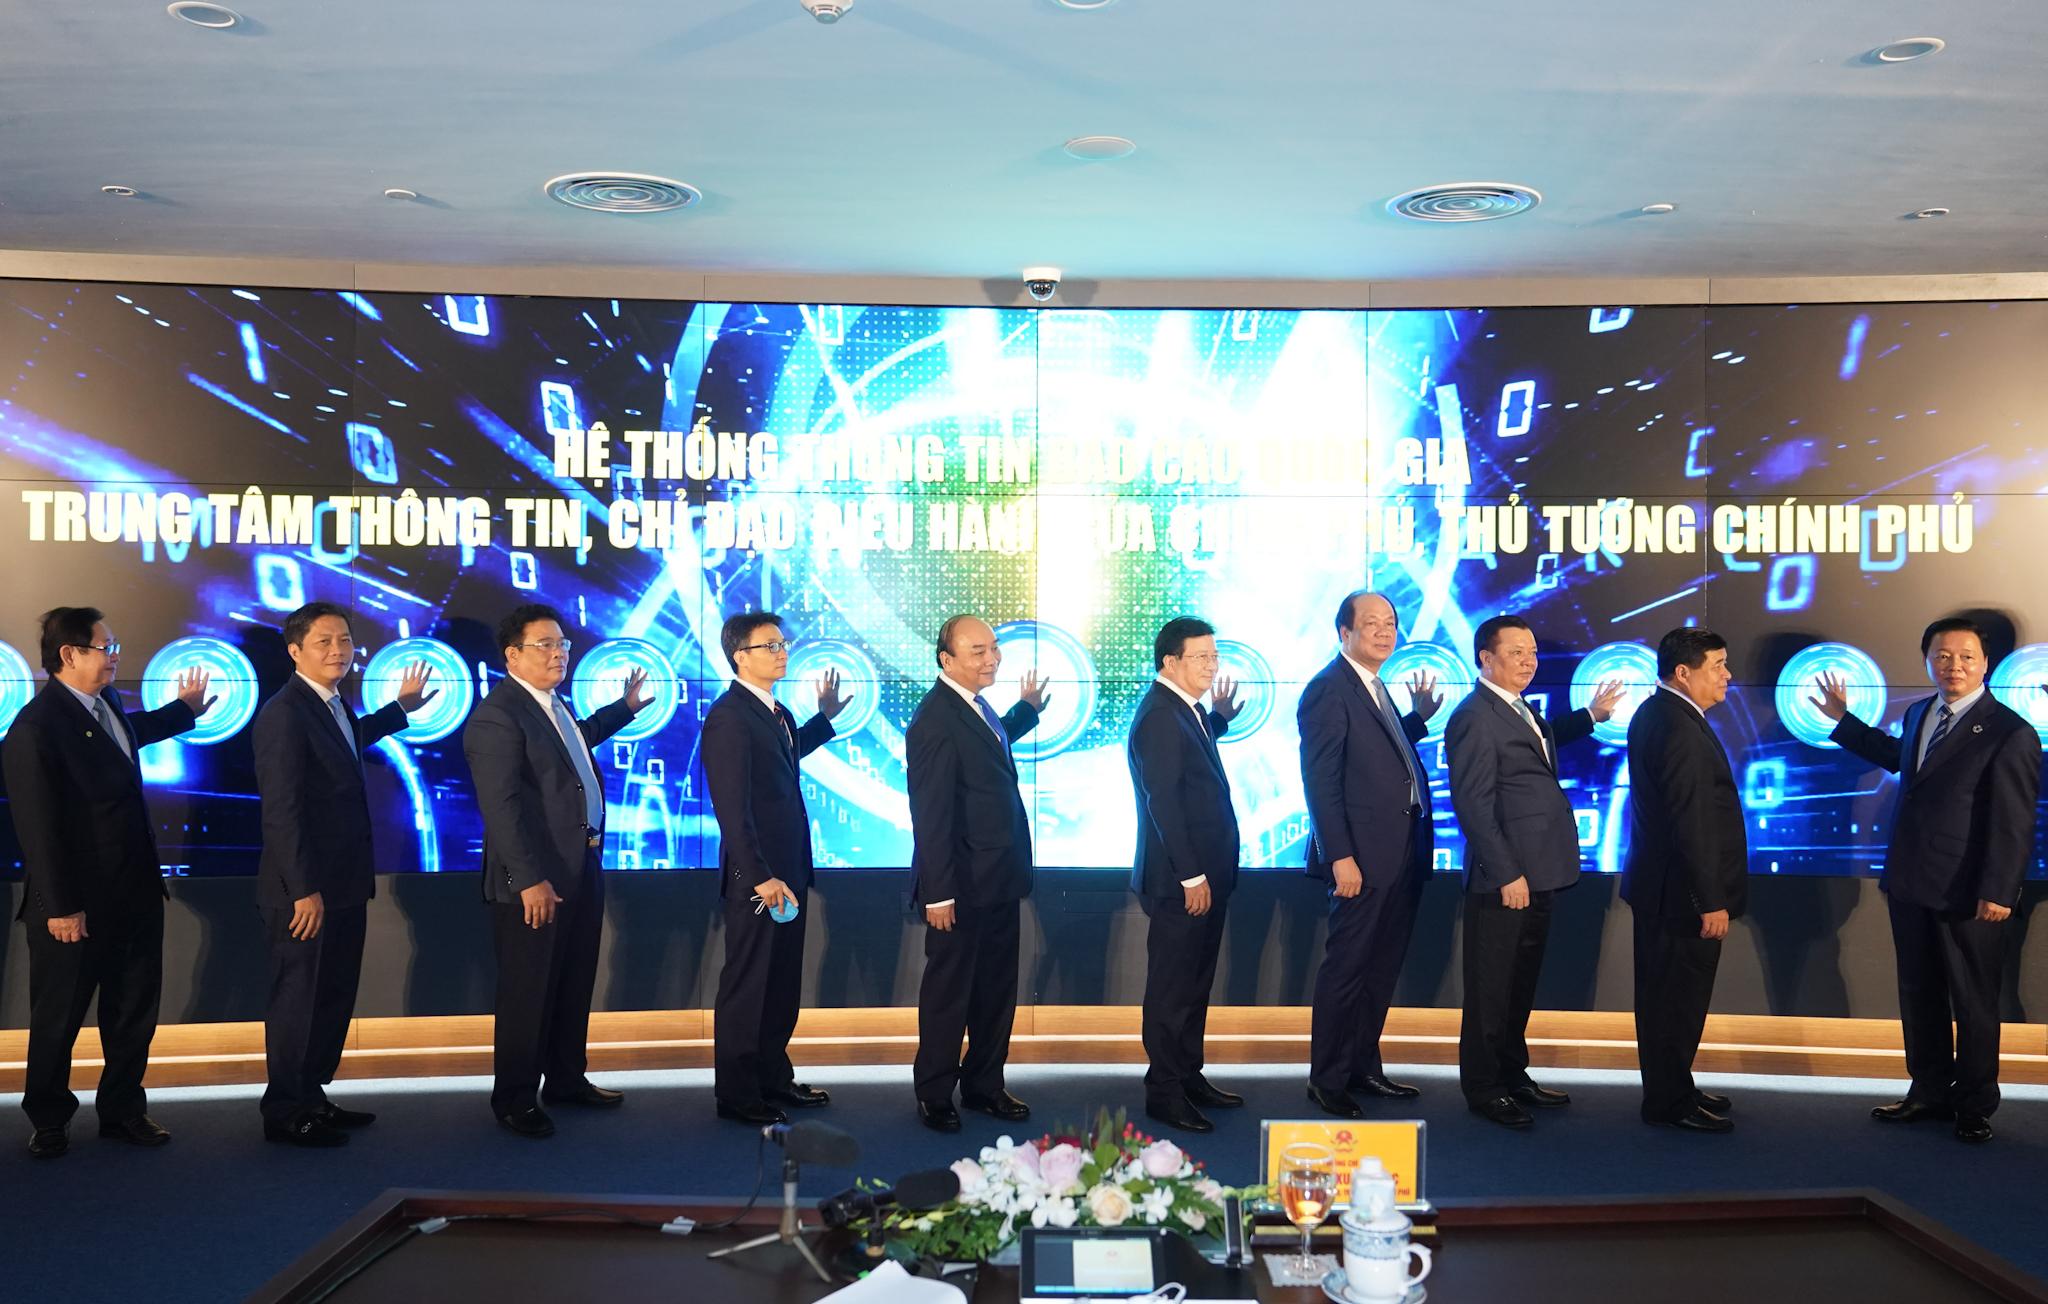 Khai trương Trung tâm Thông tin, chỉ đạo, điều hành của Chính phủ, Thủ tướng Chính phủ và Hệ thống Thông tin báo cáo quốc gia